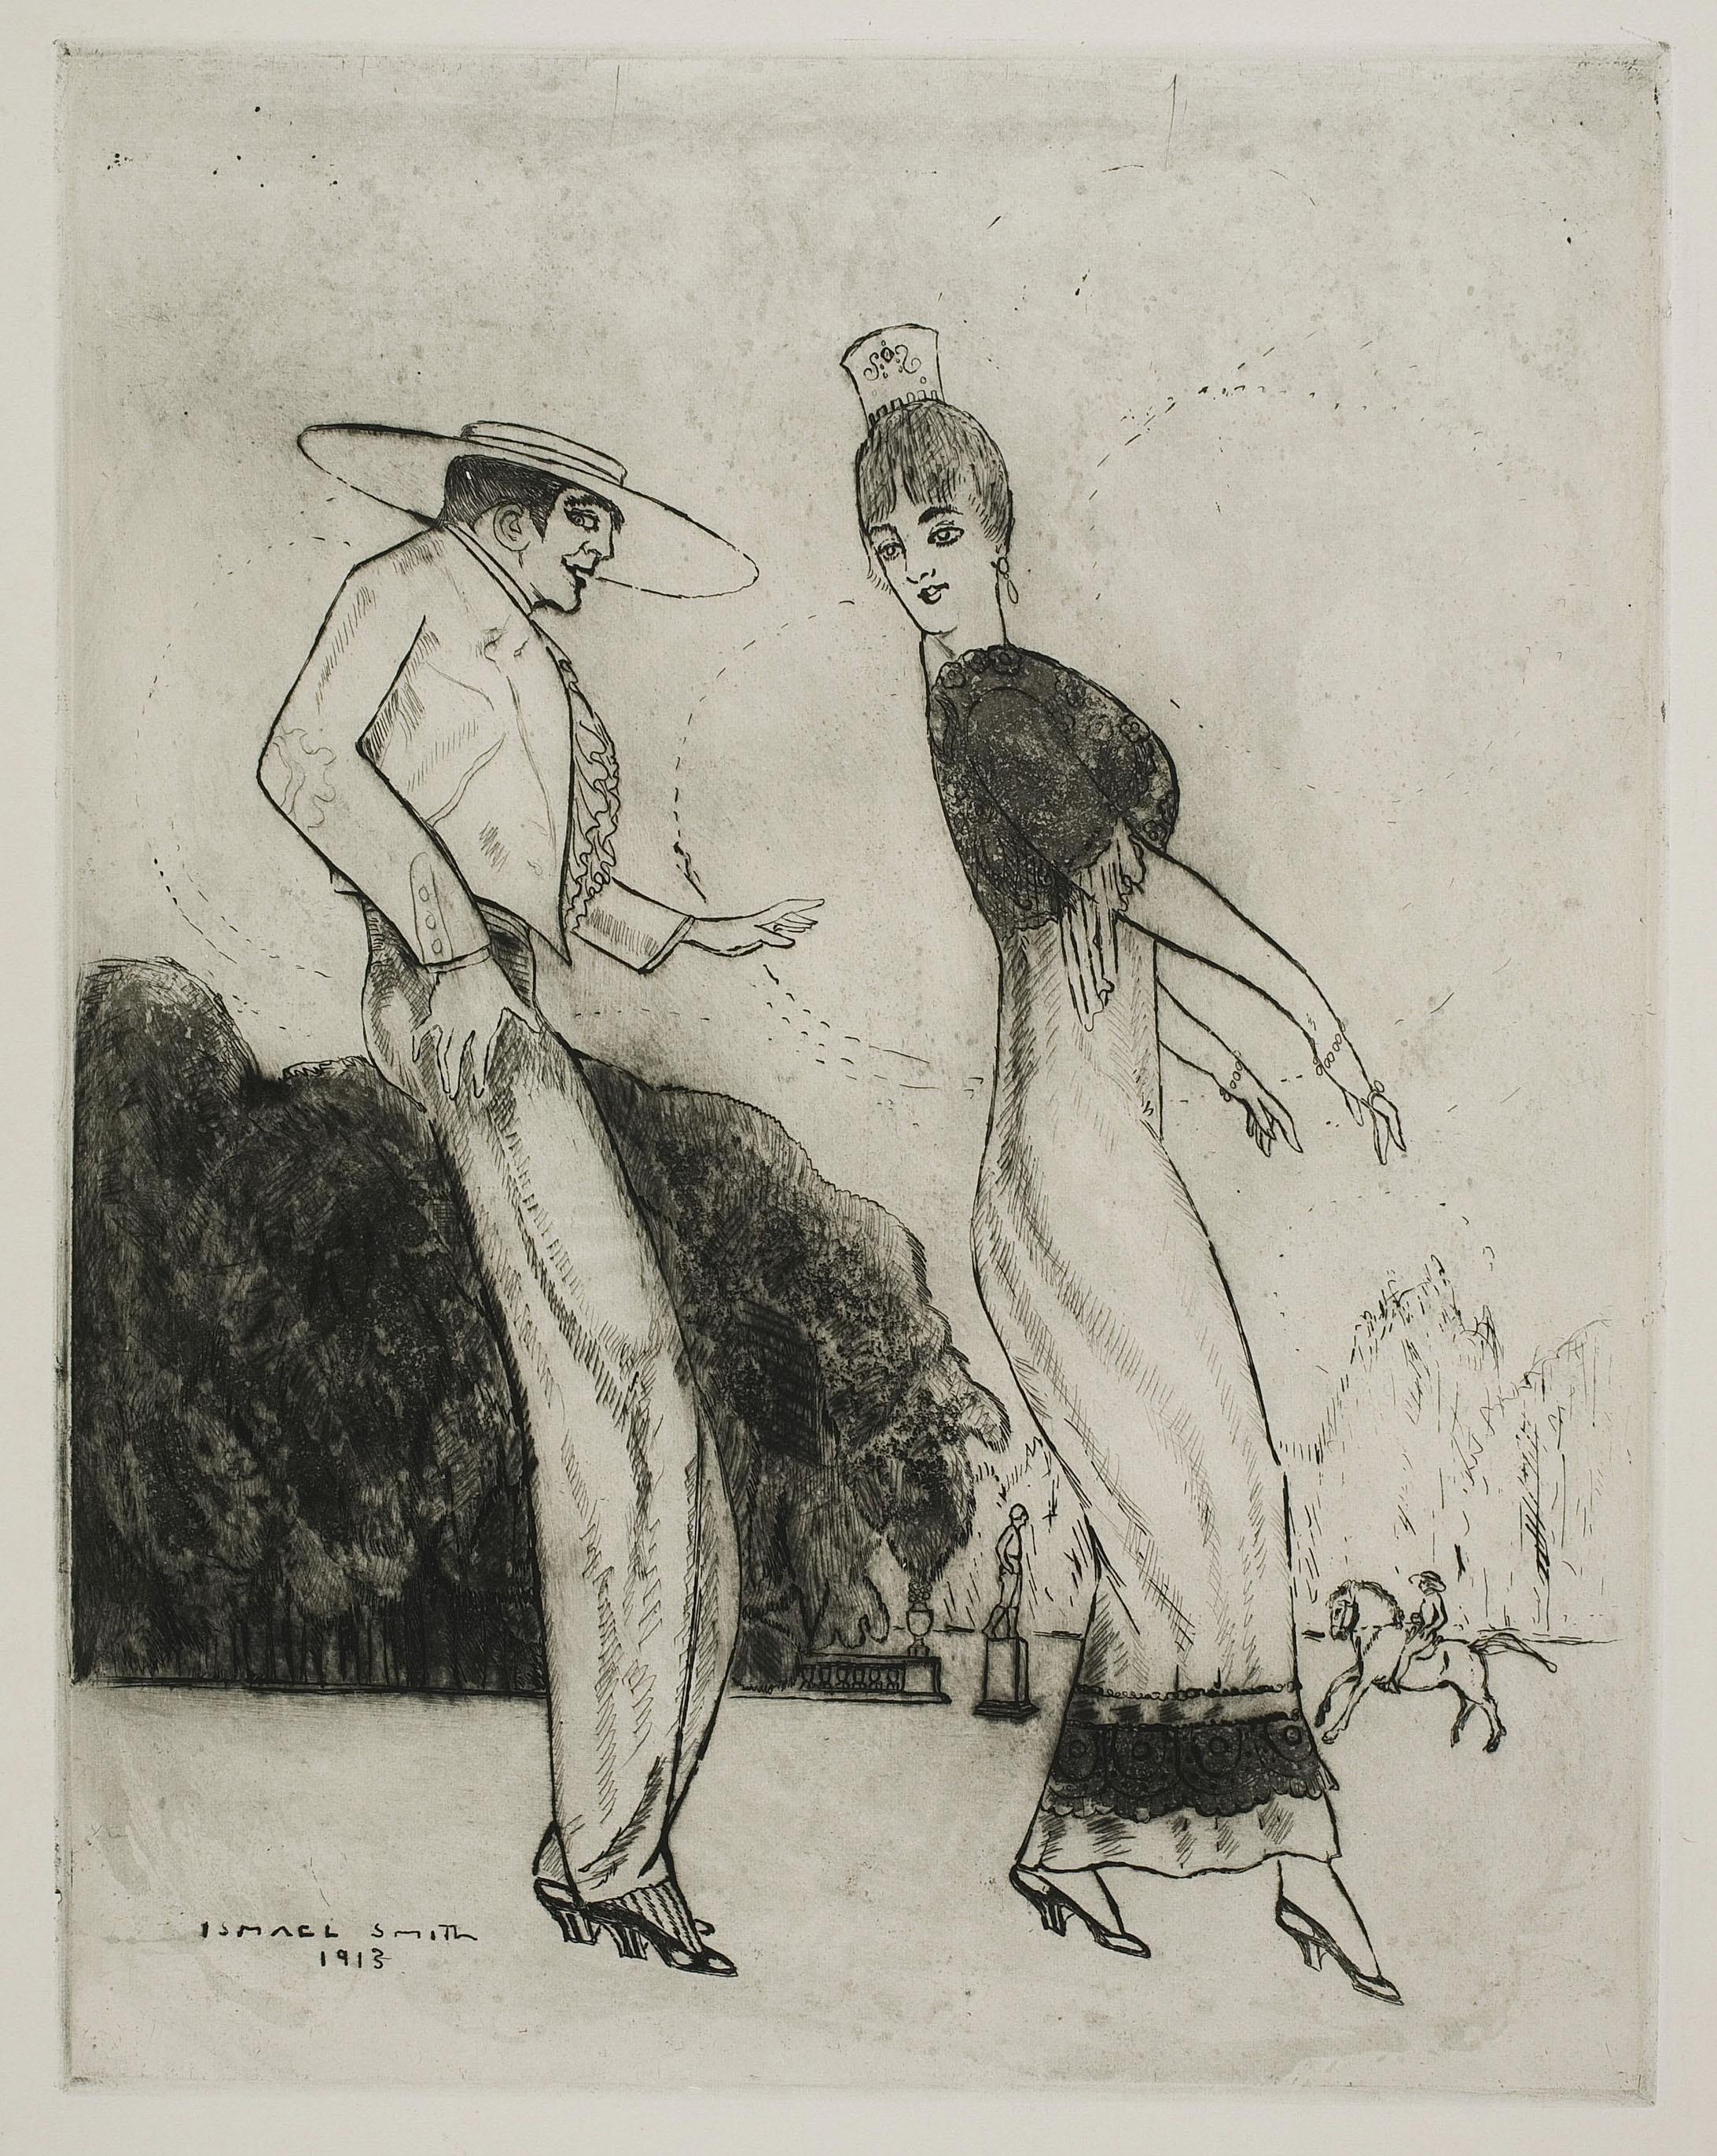 Ismael Smith - Follower - 1913